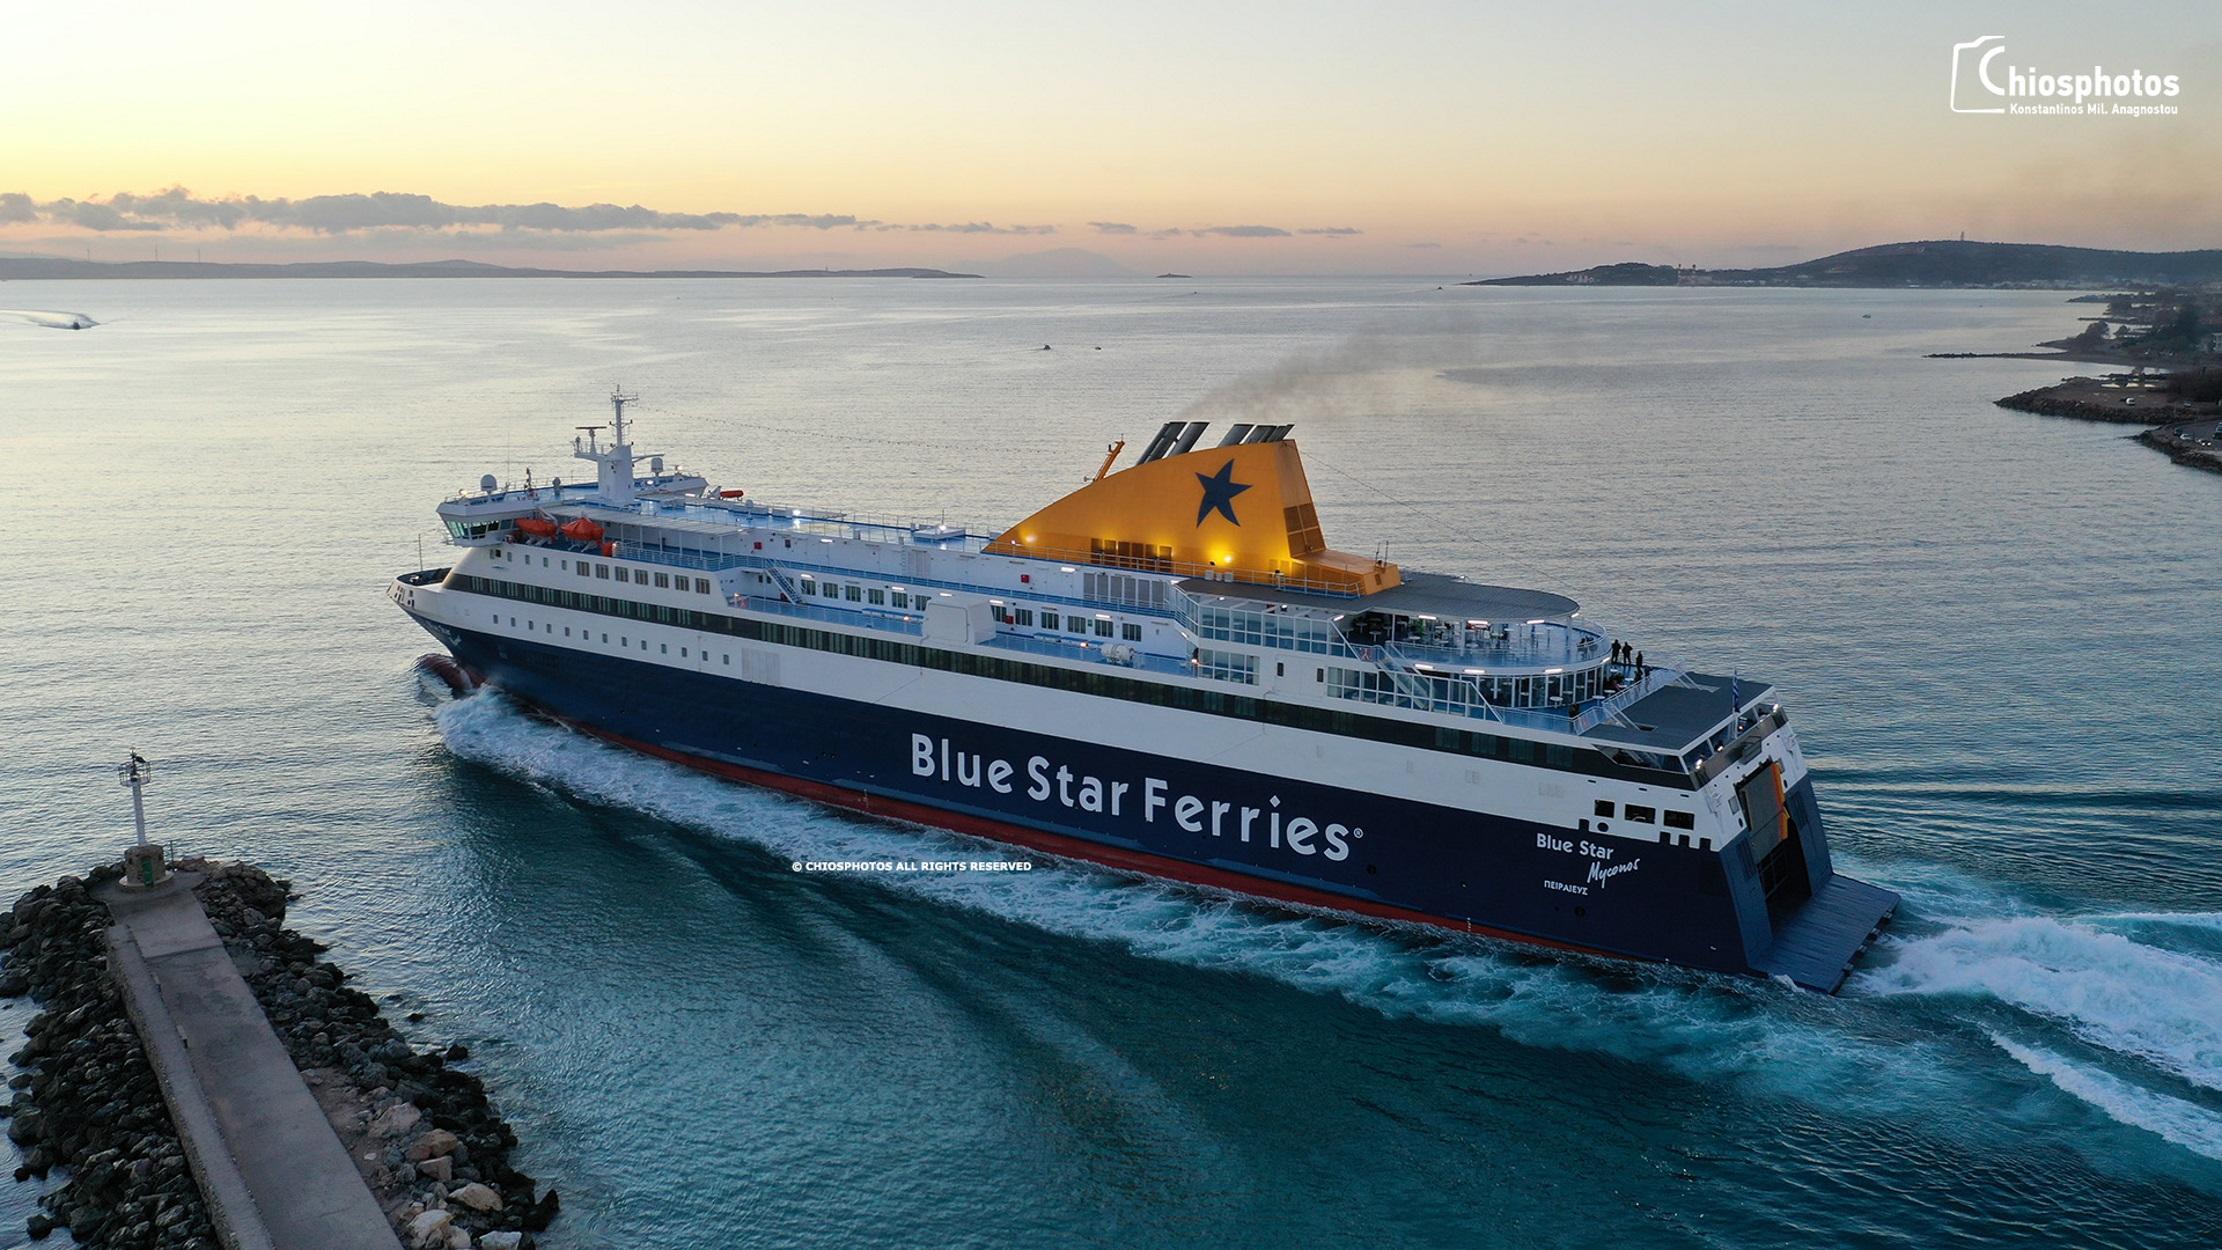 Μαγικά πλάνα από την άφιξη του Blue Star Myconos στο λιμάνι της Χίου - Ονειρεμένα χρώματα [pics, video]